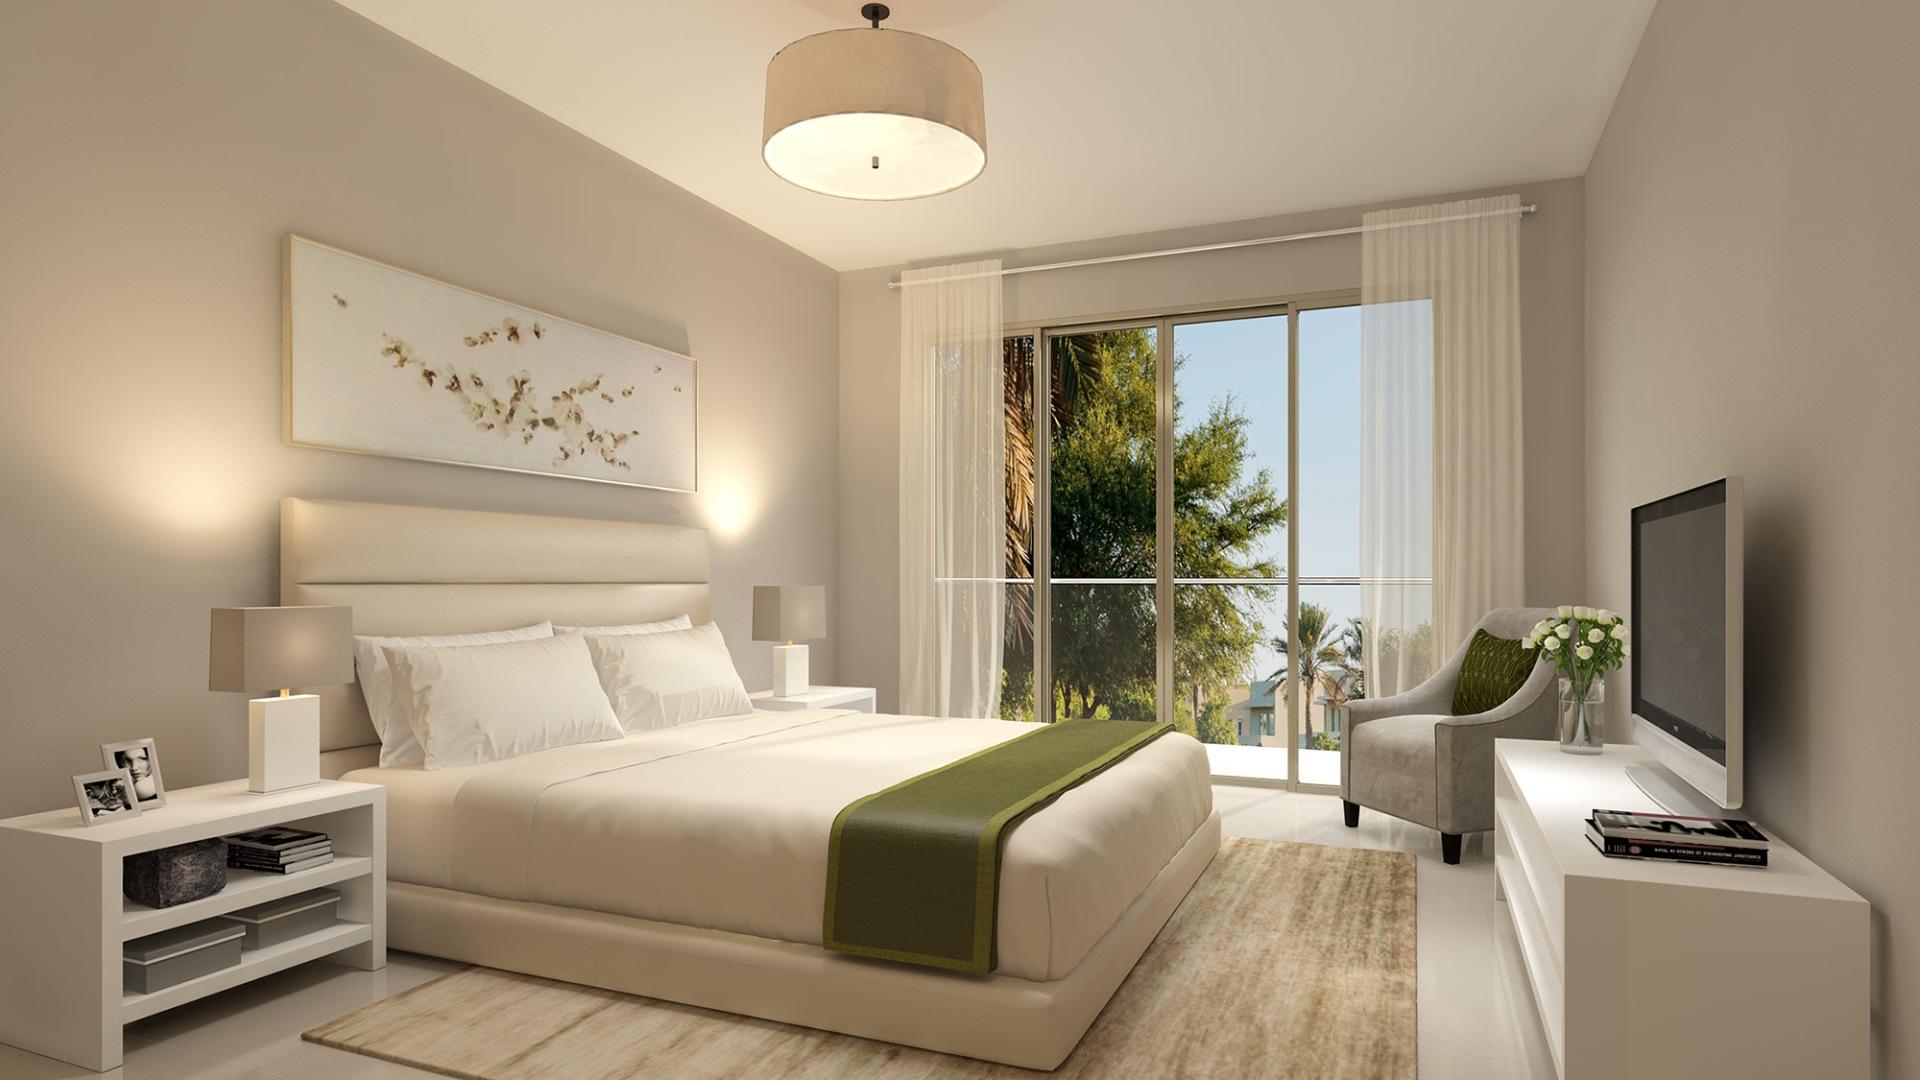 Adosado en venta en Dubai, EAU, 5 dormitorios, 293 m2, № 24142 – foto 2